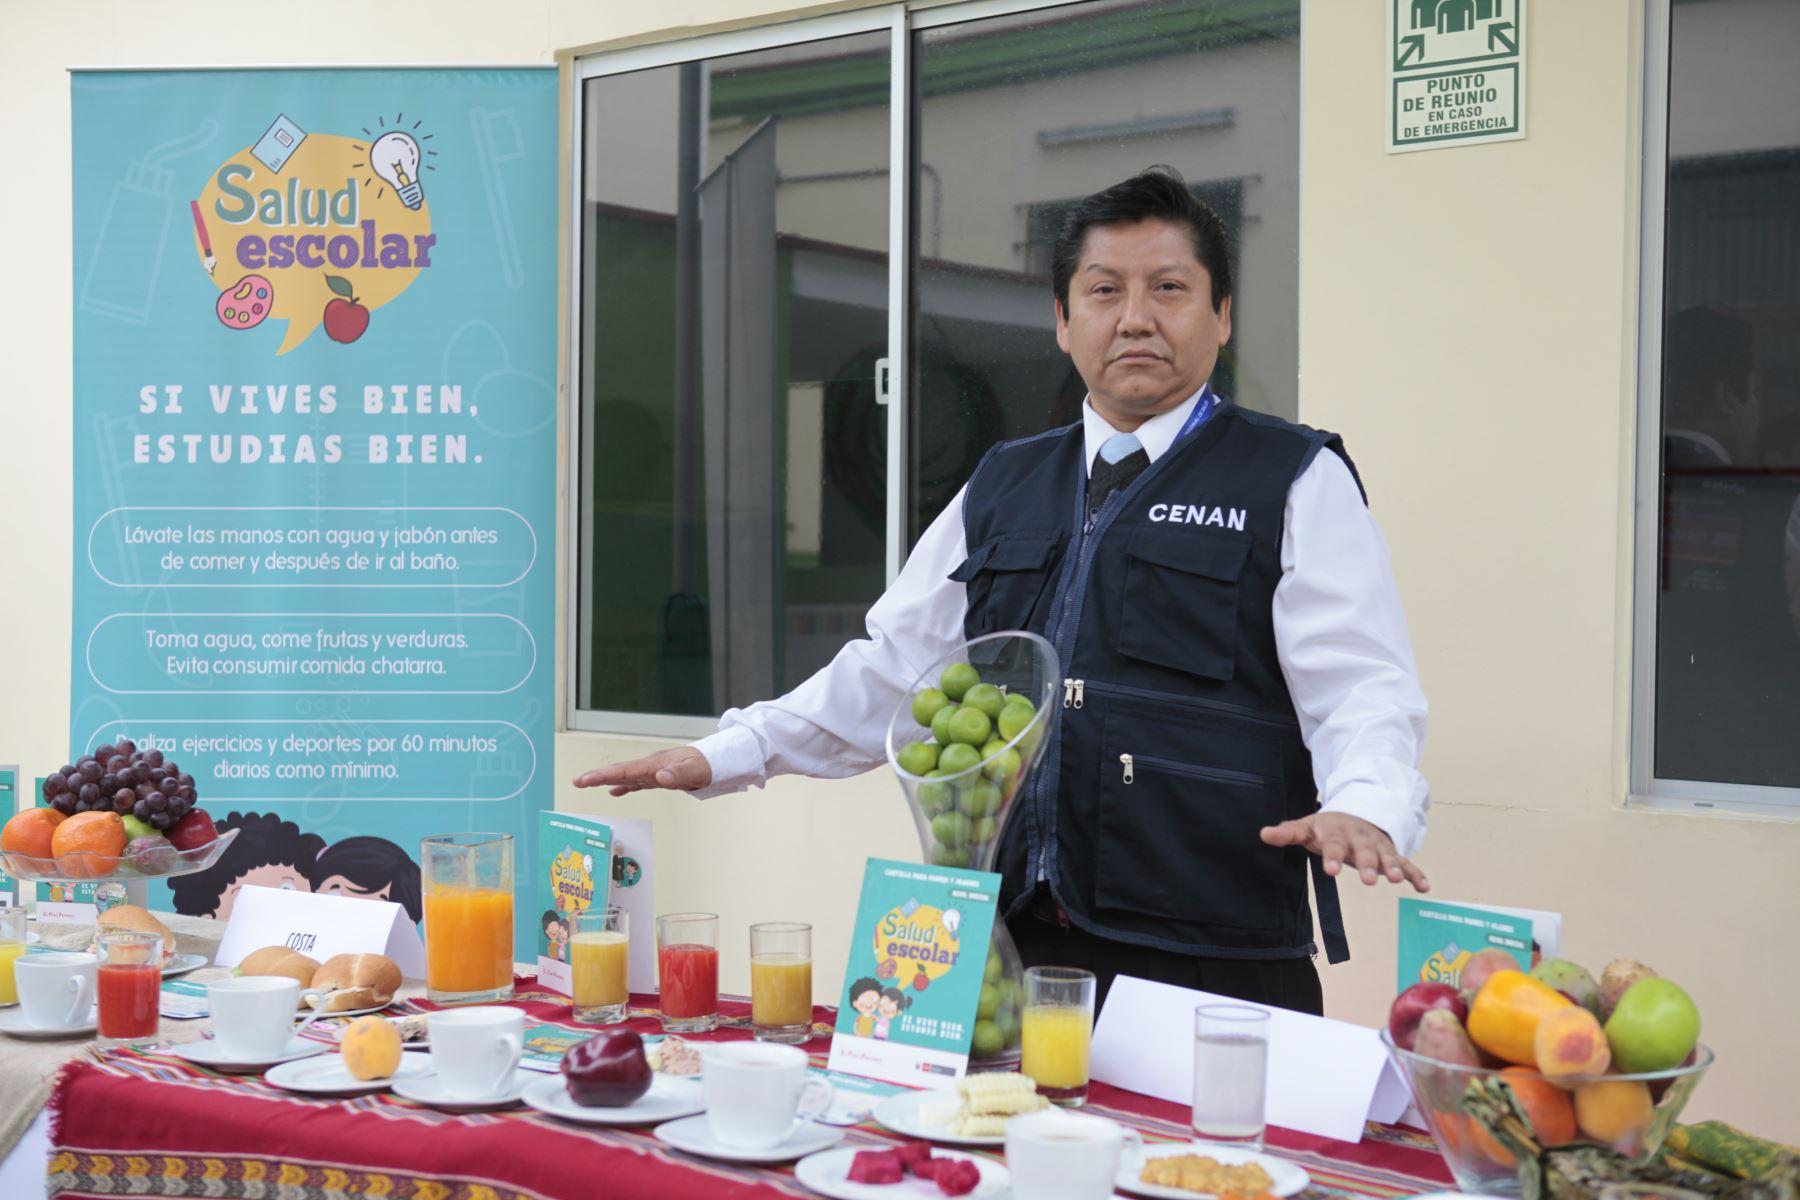 Ministerio de Salud presenta alternativas de desayunos de invierno preparados con cereales andinos y productos de la selva. Niños degustan desayuno de choclo, queso, pan, jugo de fruta y maca. Foto: ANDINA/Miguel Mejía